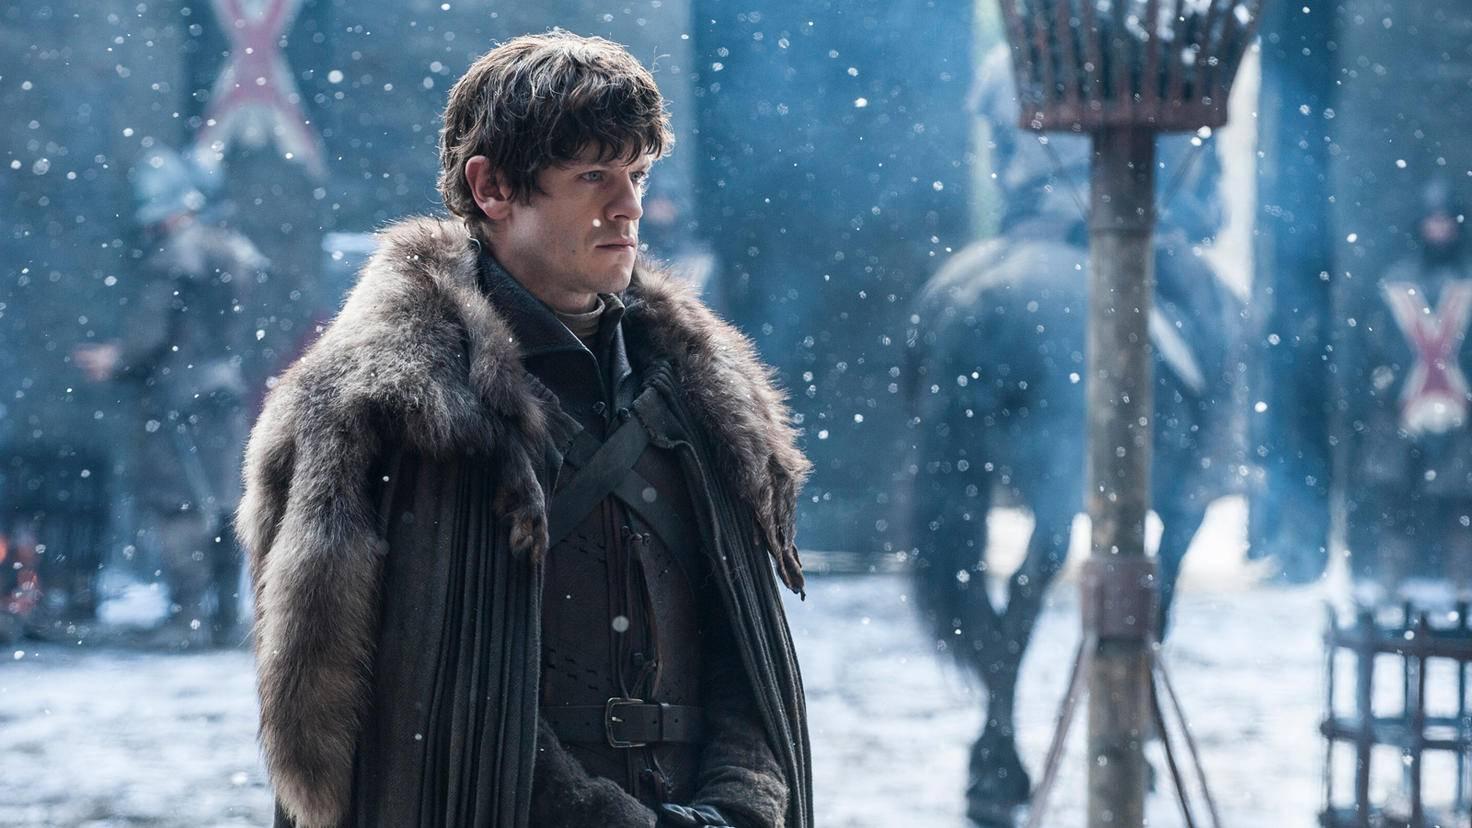 Iwan Rheon als Jon Snow? Irgendwie schwer vorzustellen.